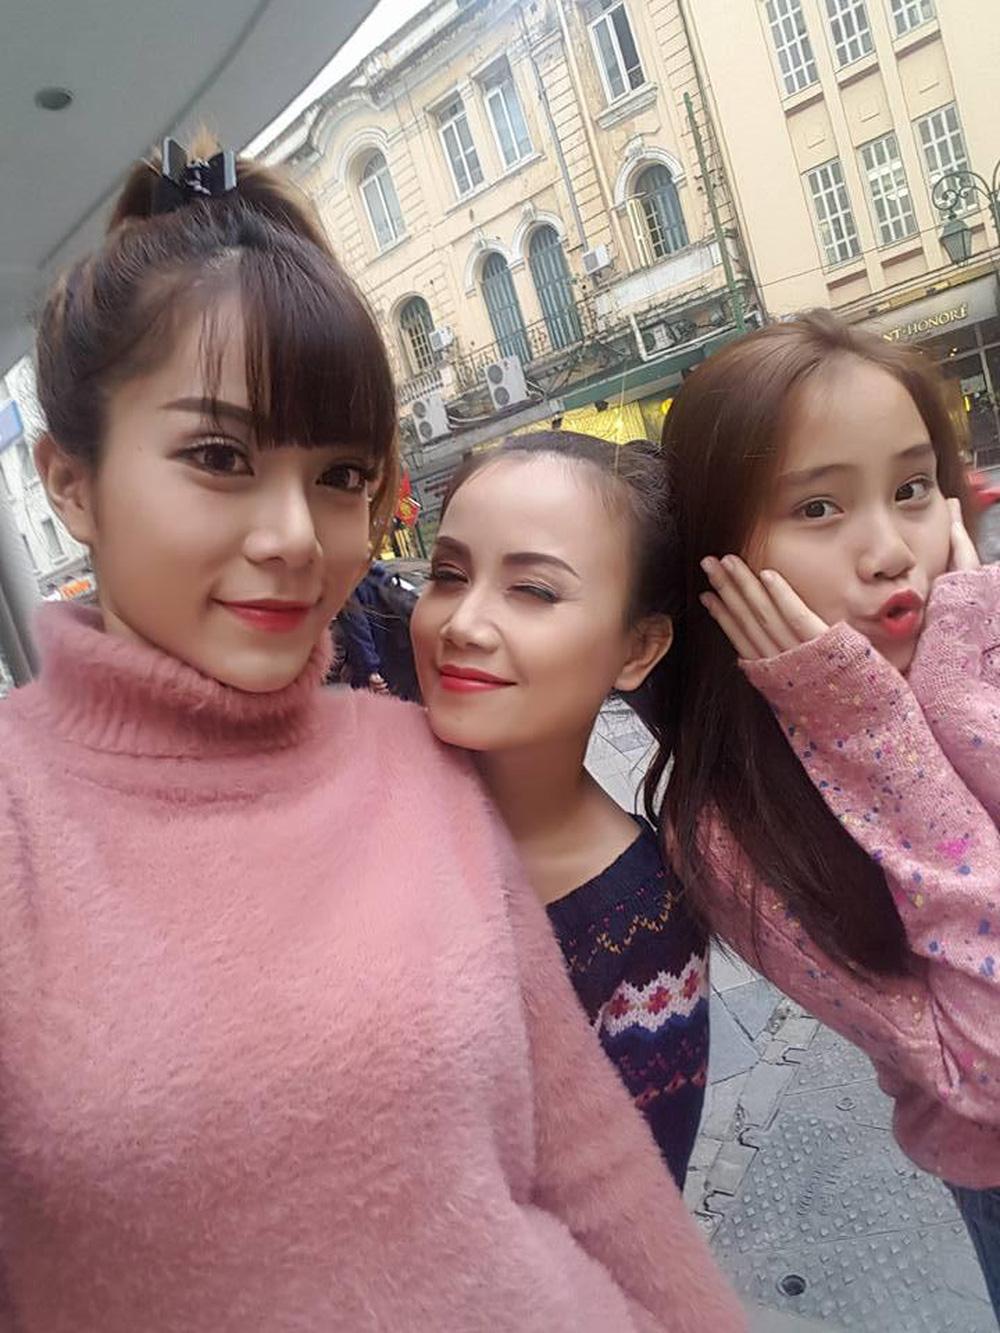 """Con gái diễn viên Hoàng Yến gây ngỡ ngàng khi khen mẹ giỏi"""" vì lấy được 4 đời chồng-1"""